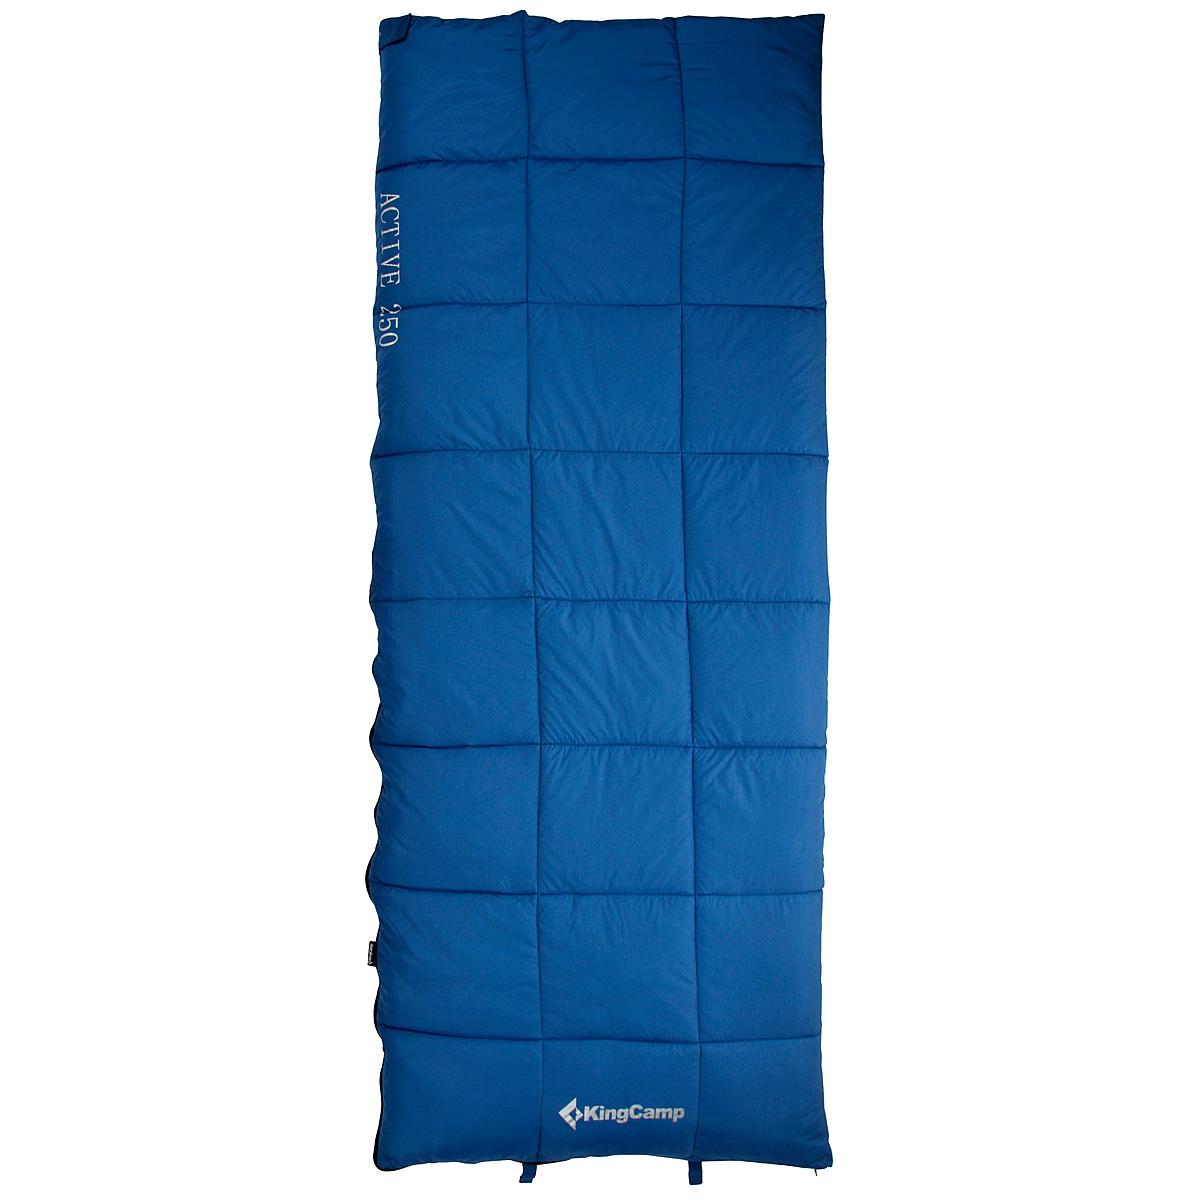 Спальный мешок-одеяло KingCamp ACTIVE 250, цвет: синий. ks310367744Комфортный спальник-одеяло имеет прямоугольную форму и одинаковую ширину как вверху, так и внизу, благодаря чему ноги чувствуют себя более свободно. Молния располагается на боковой стороне, благодаря чему при её расстёгивании спальник превращается в довольно большое одеяло. Характеристики:Размер спального мешка с учетом подголовника: 190 см х 75 см. Утеплитель: четырехканальное волокно Hollowfibre, 250 г/м2. Внешний материал: полиэстер 210Т RipStop W/P. Внутренний материал: 100% хлопок. Экстремальная температура: -5°C. Температура комфорта: 6°C...12°С. Вес: 1,45 кг. Изготовитель:Китай. Размер в сложенном виде: 35 см х 22 см х 22 см. Артикул:KS3103.